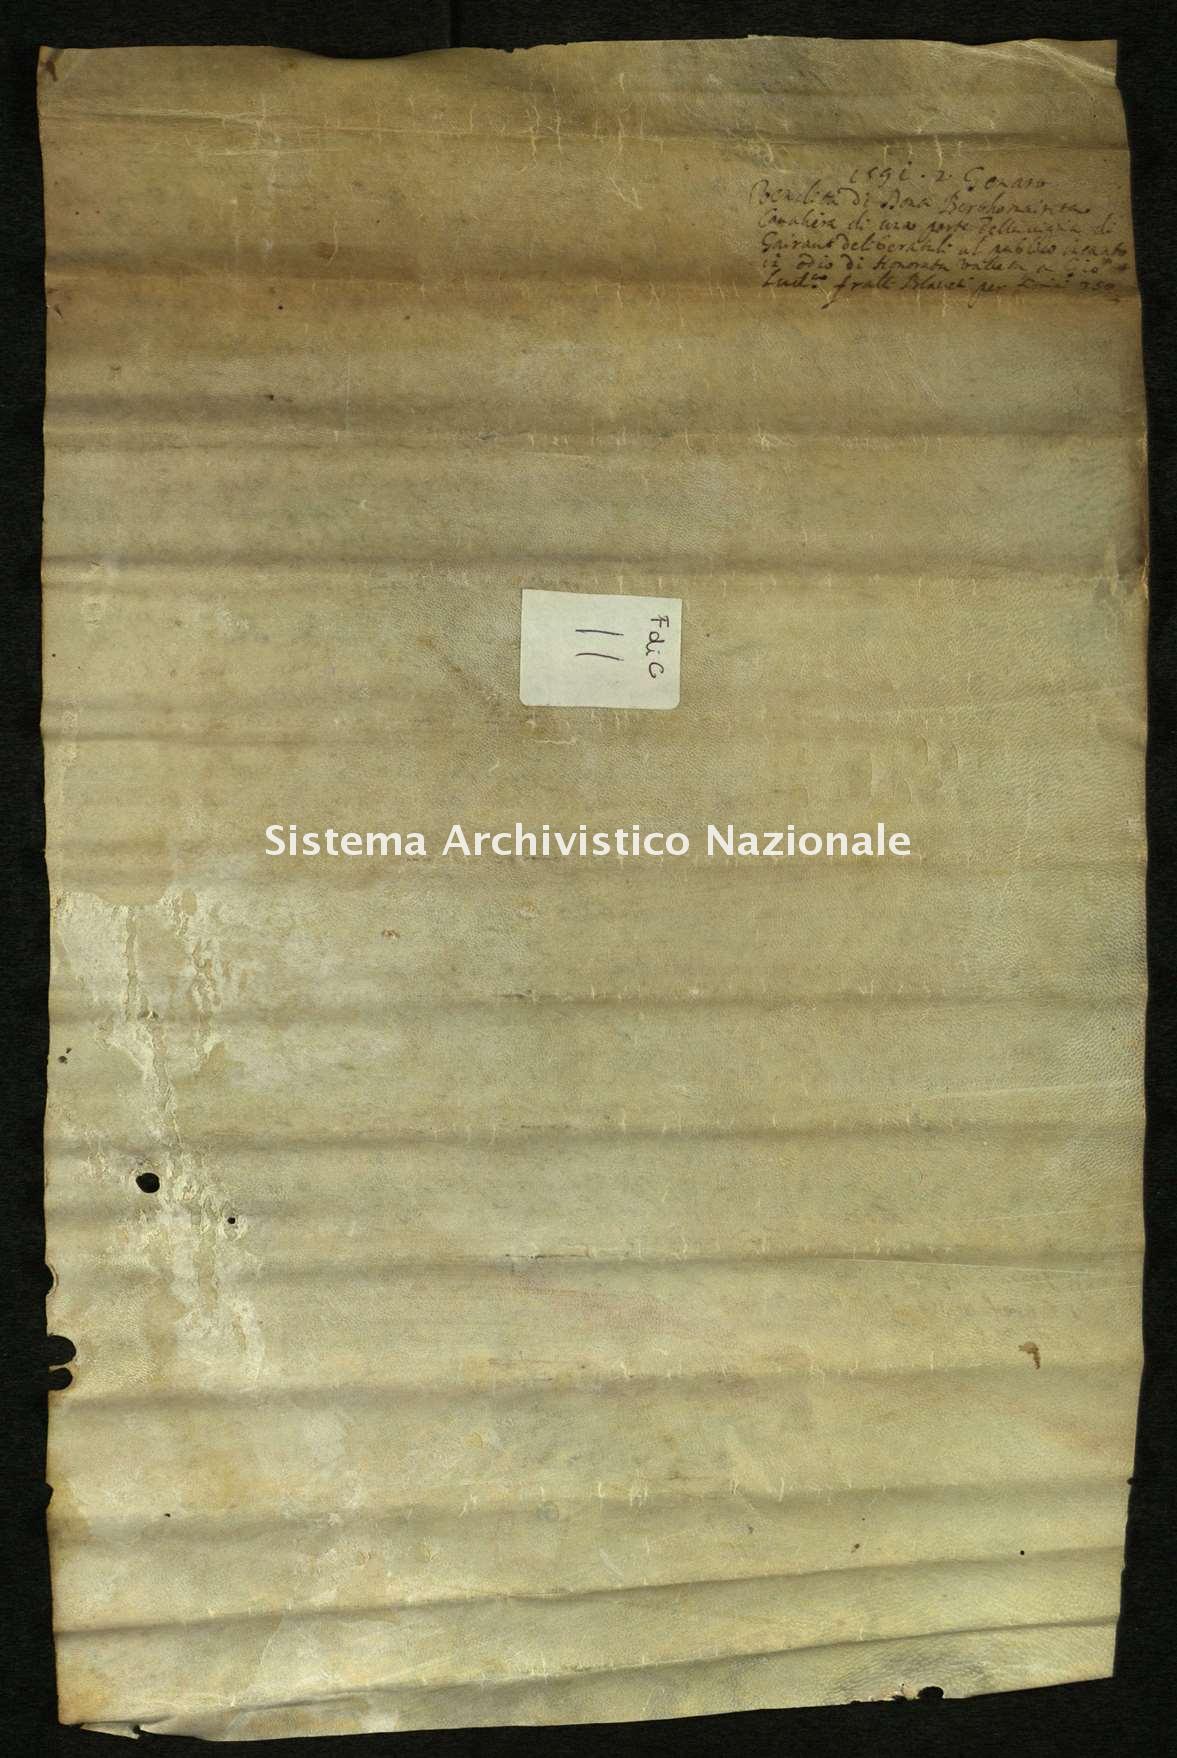 Archivio di Stato di Biella, Frichignono di Castellengo, Nizza 02 gennaio 1591